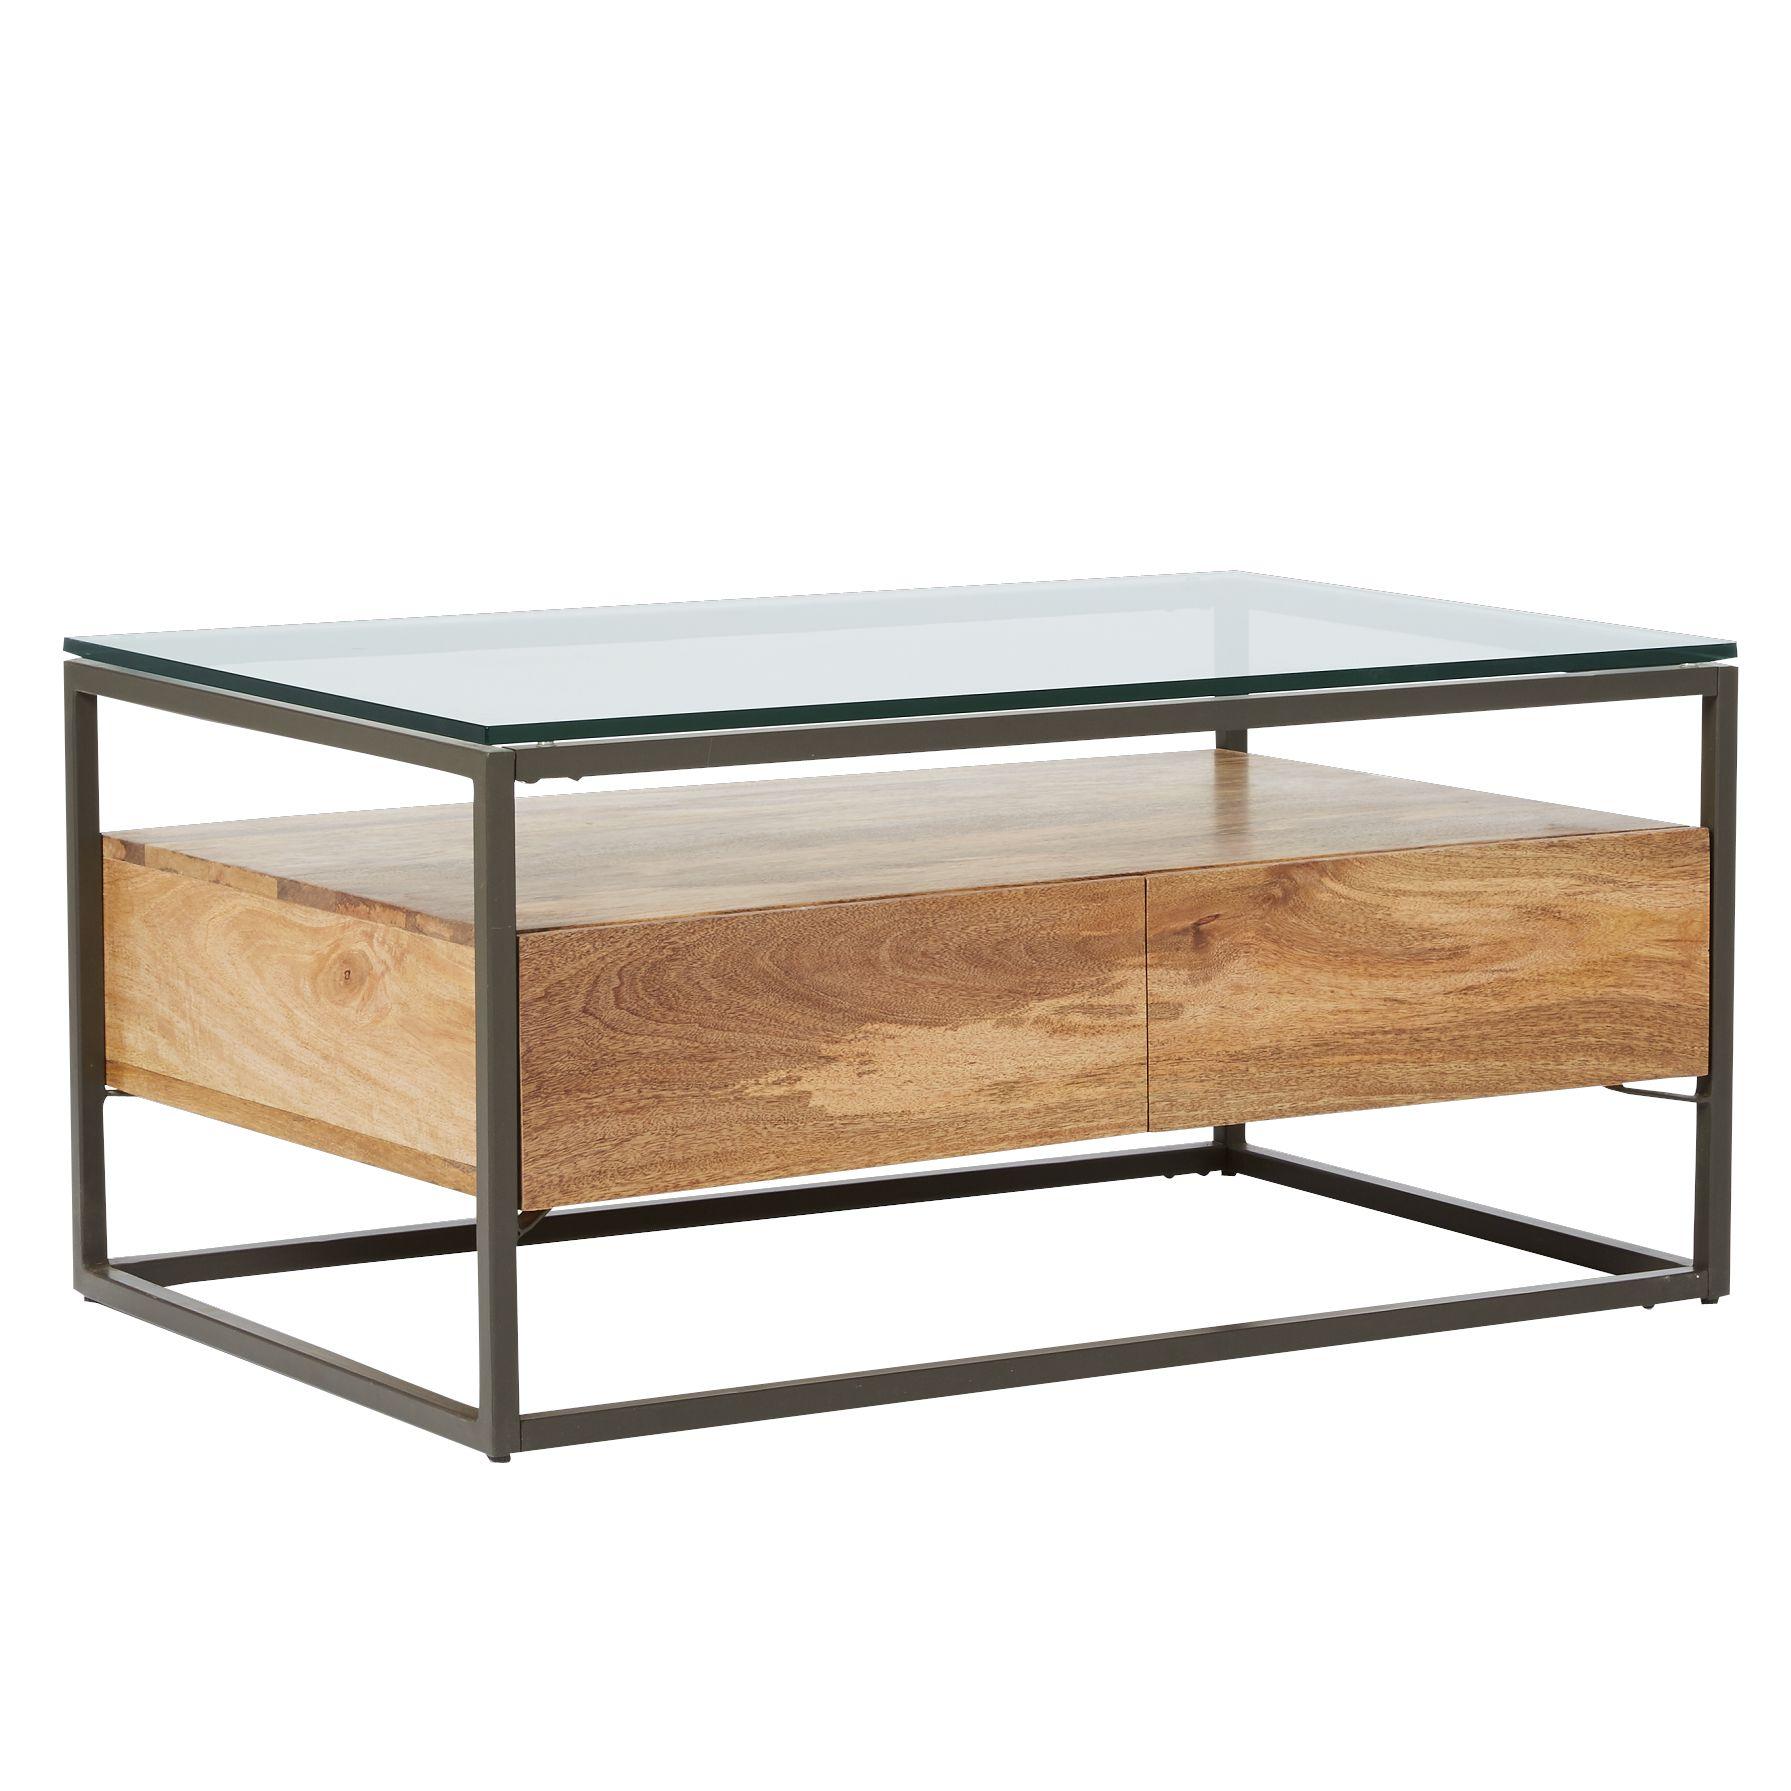 Buy west elm Industrial Storage Box Frame Coffee Table John Lewis